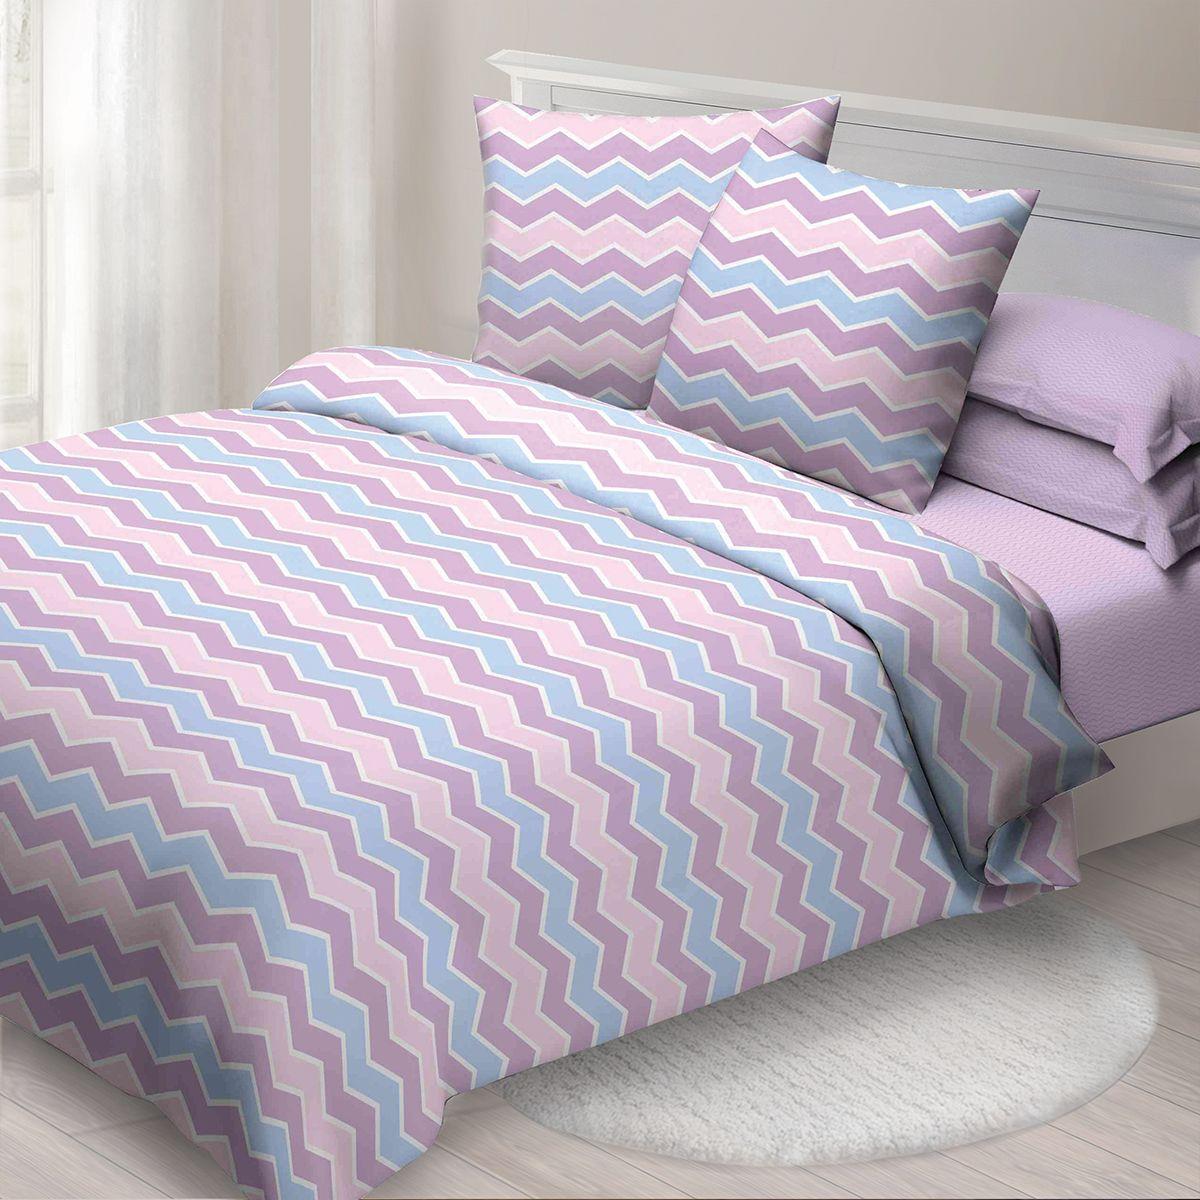 Комплект белья Спал Спалыч Лавандовые сны, 2-х спальное, наволочки 70x70, цвет: розовый. 4089-185080